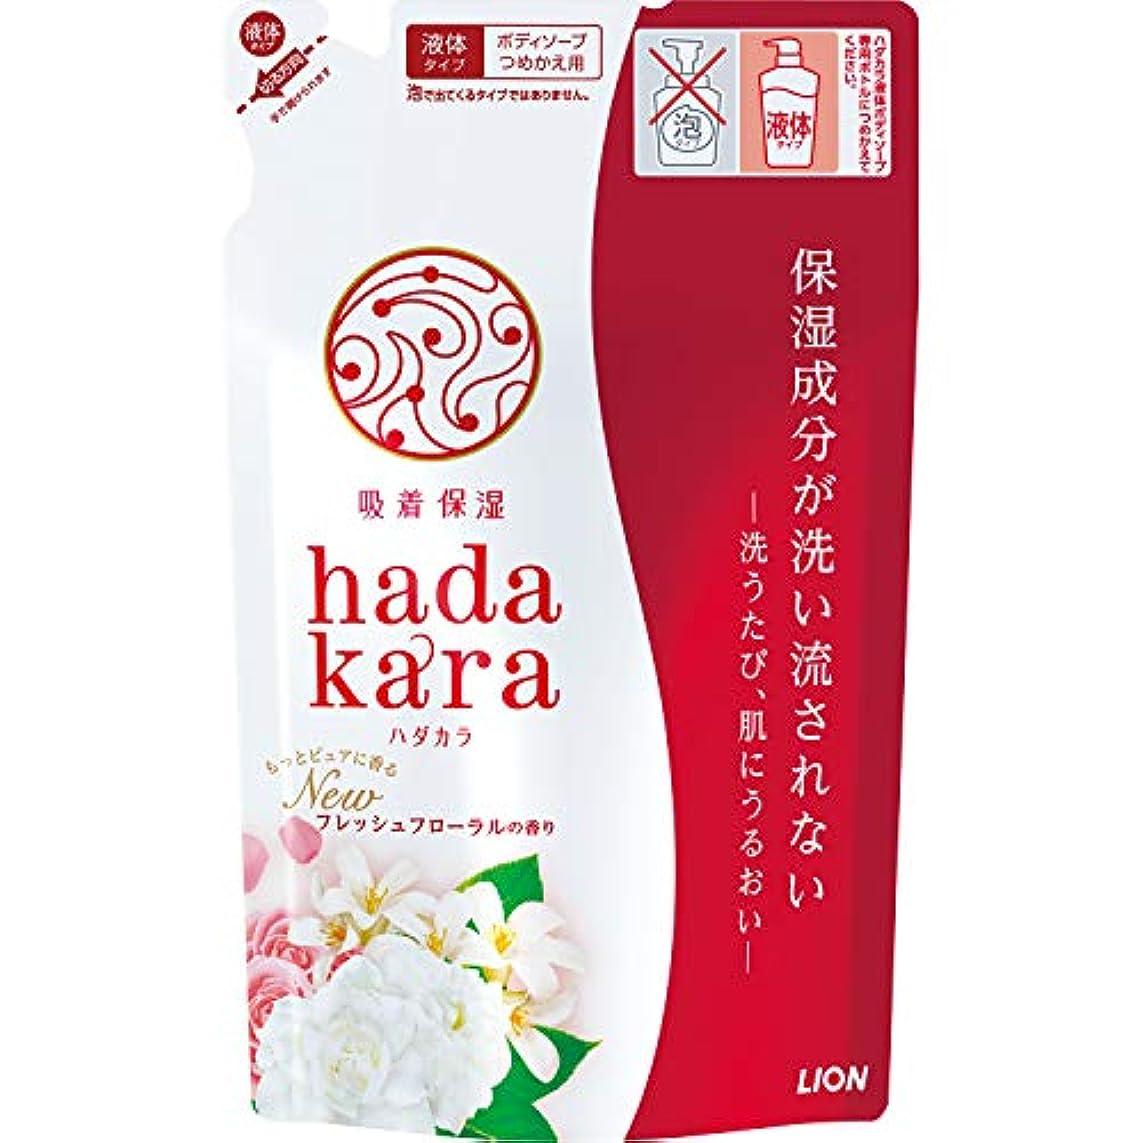 ジャグリング同一性考古学hadakara(ハダカラ) ボディソープ フレッシュフローラルの香り 詰め替え 360ml フローラルブーケ